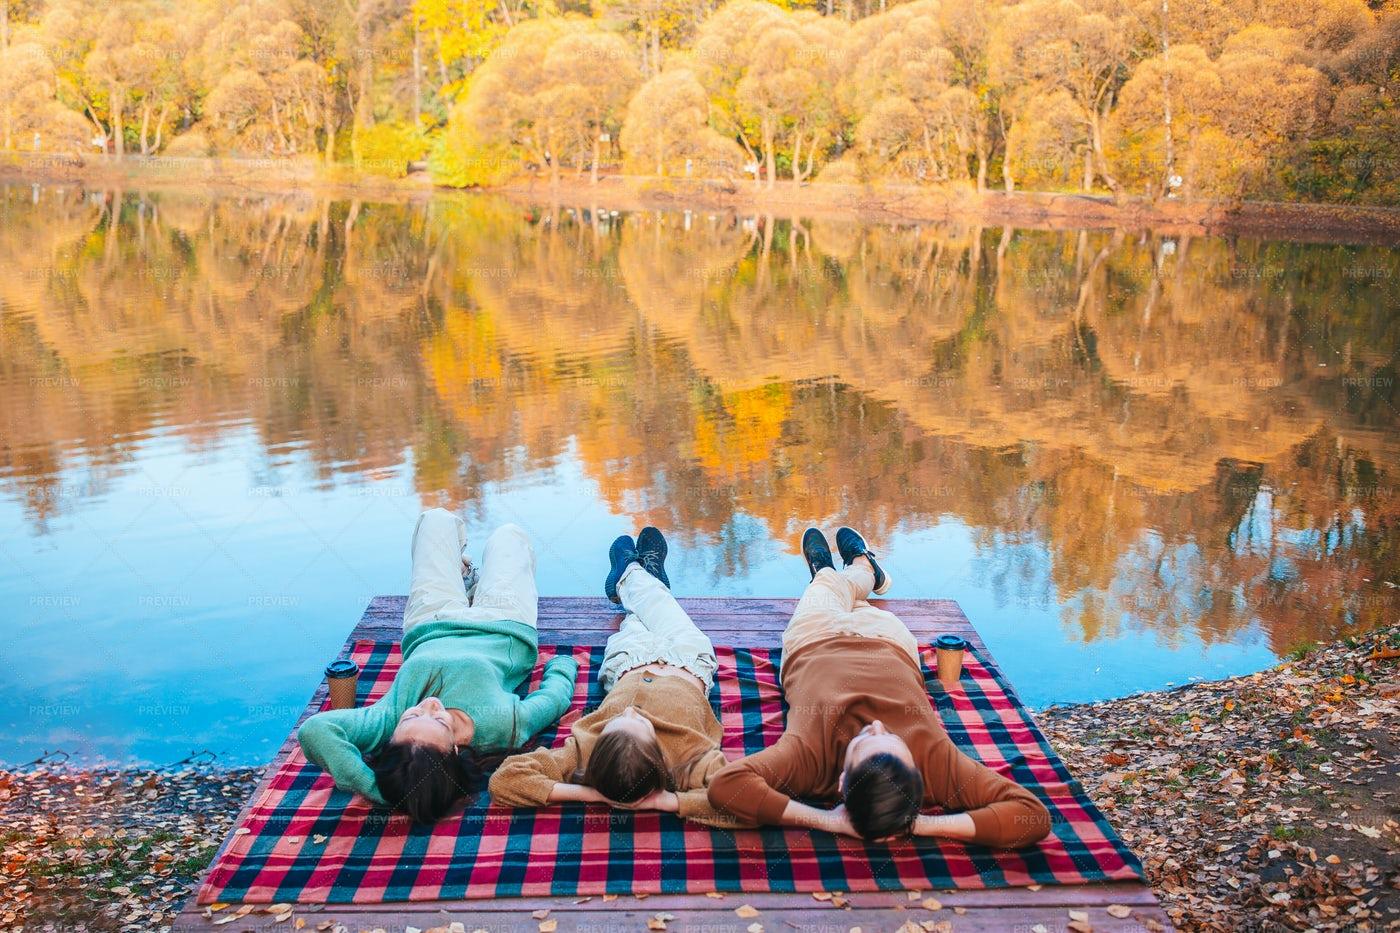 Family On Autumn Warm Day: Stock Photos